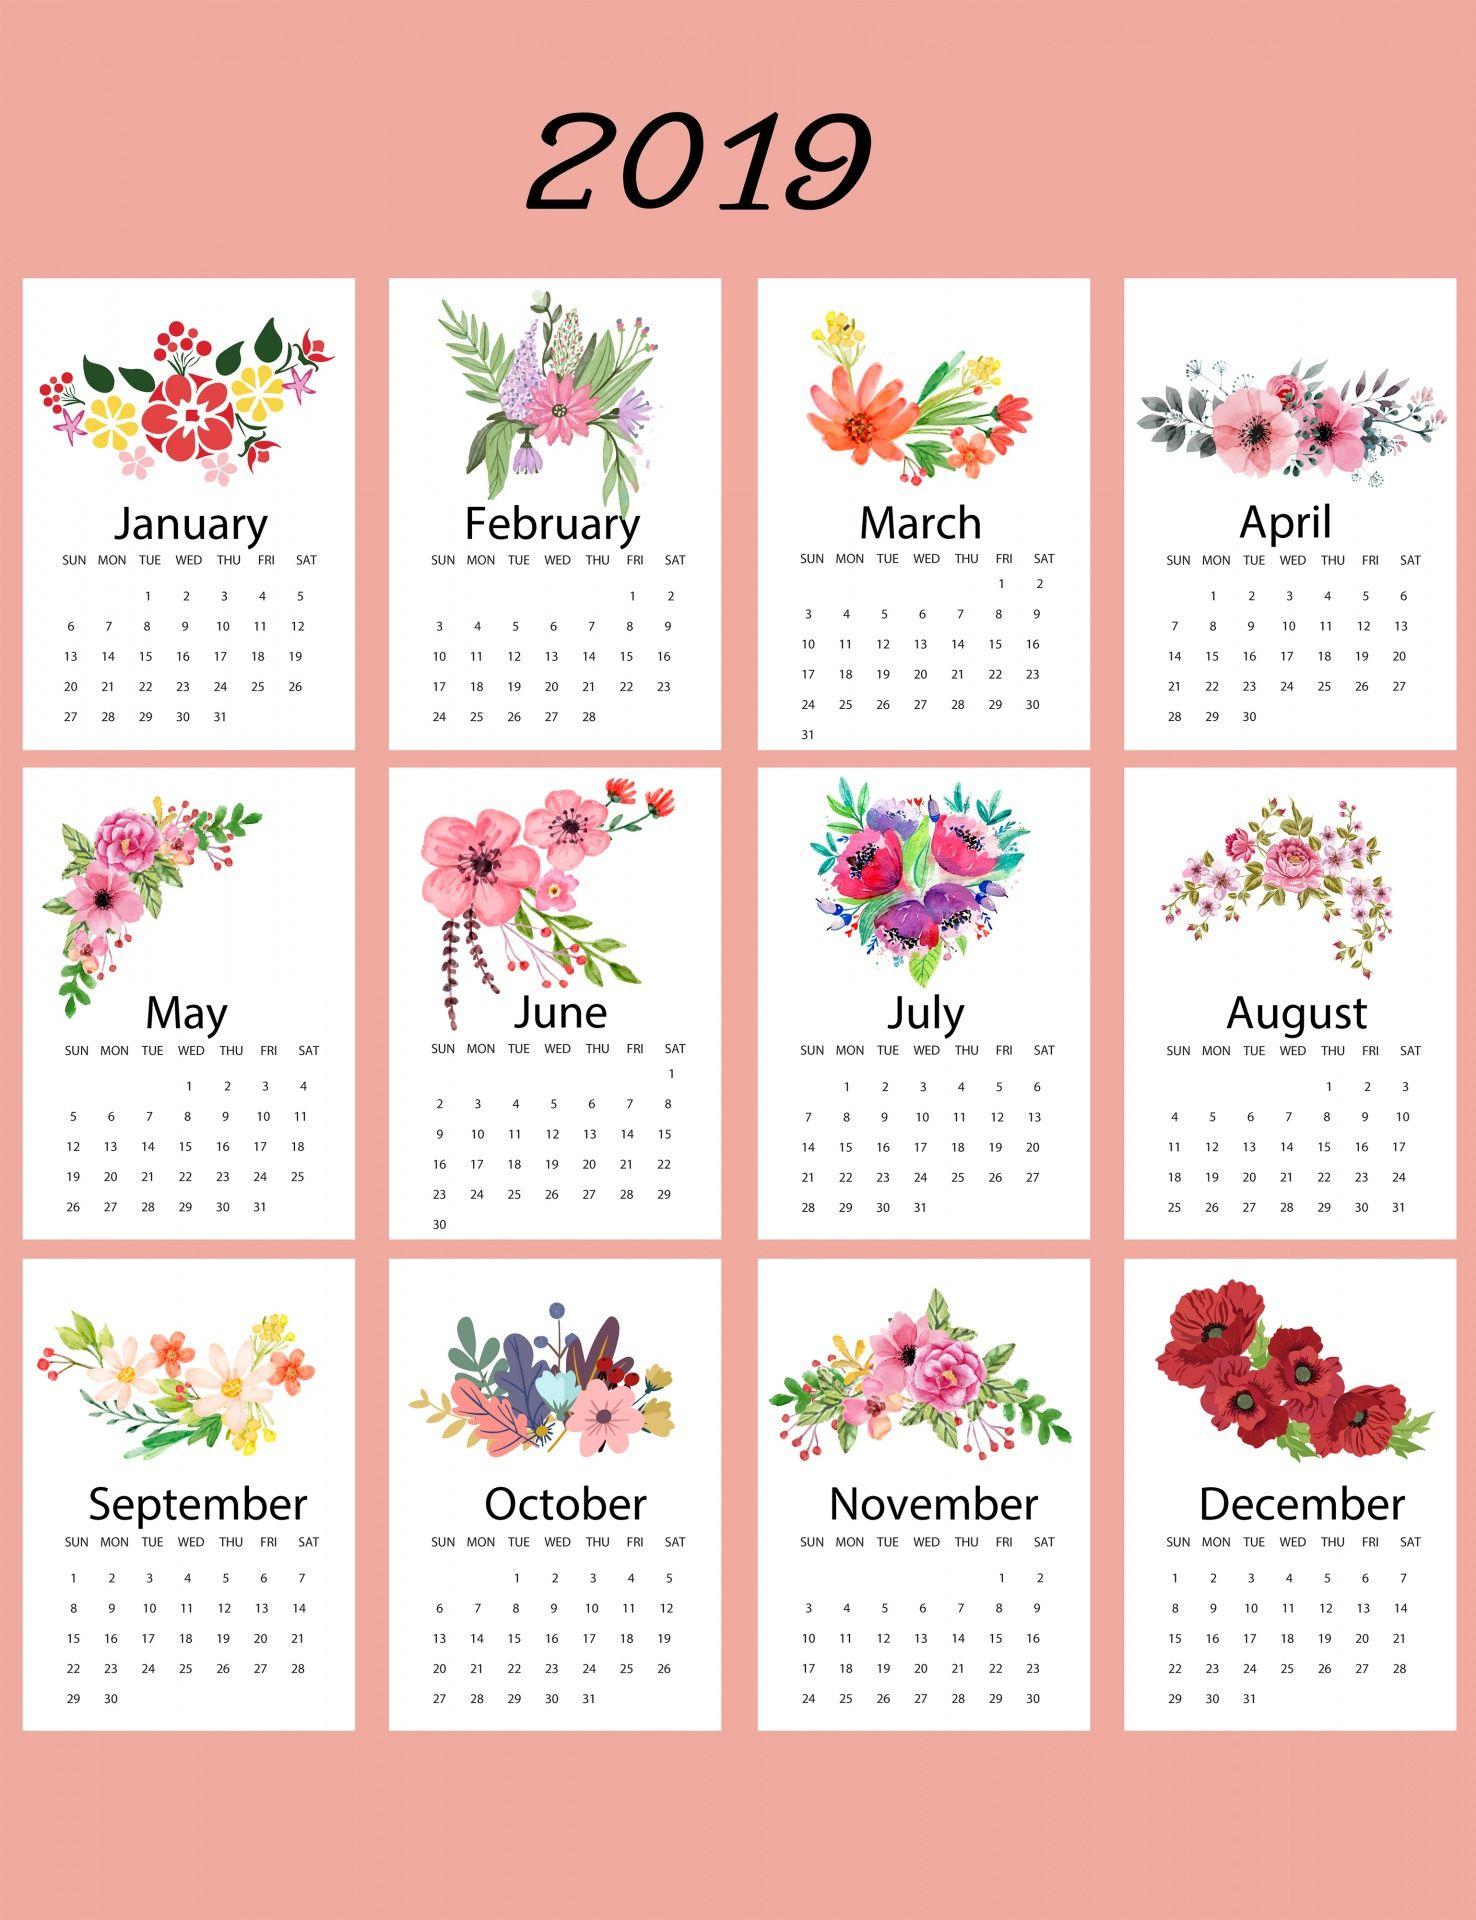 2019 Calendar Floral Template Free Stock Photo Calendarios